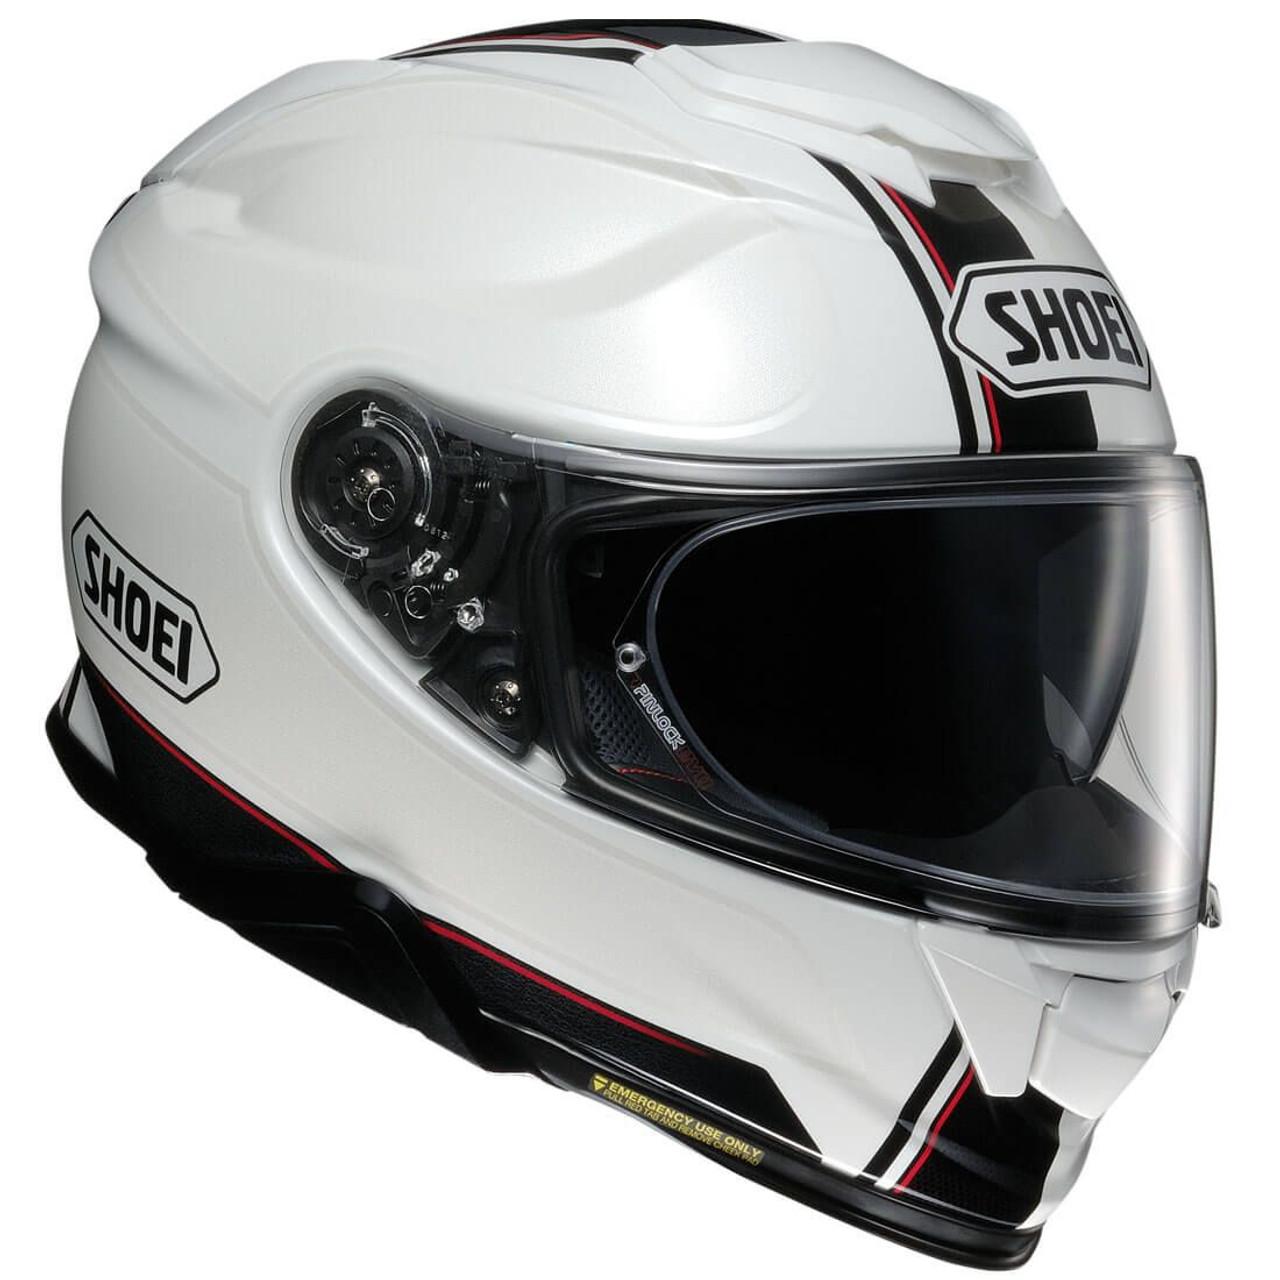 Shoei Gt Air >> Shoei Gt Air 2 Helmet Redux White